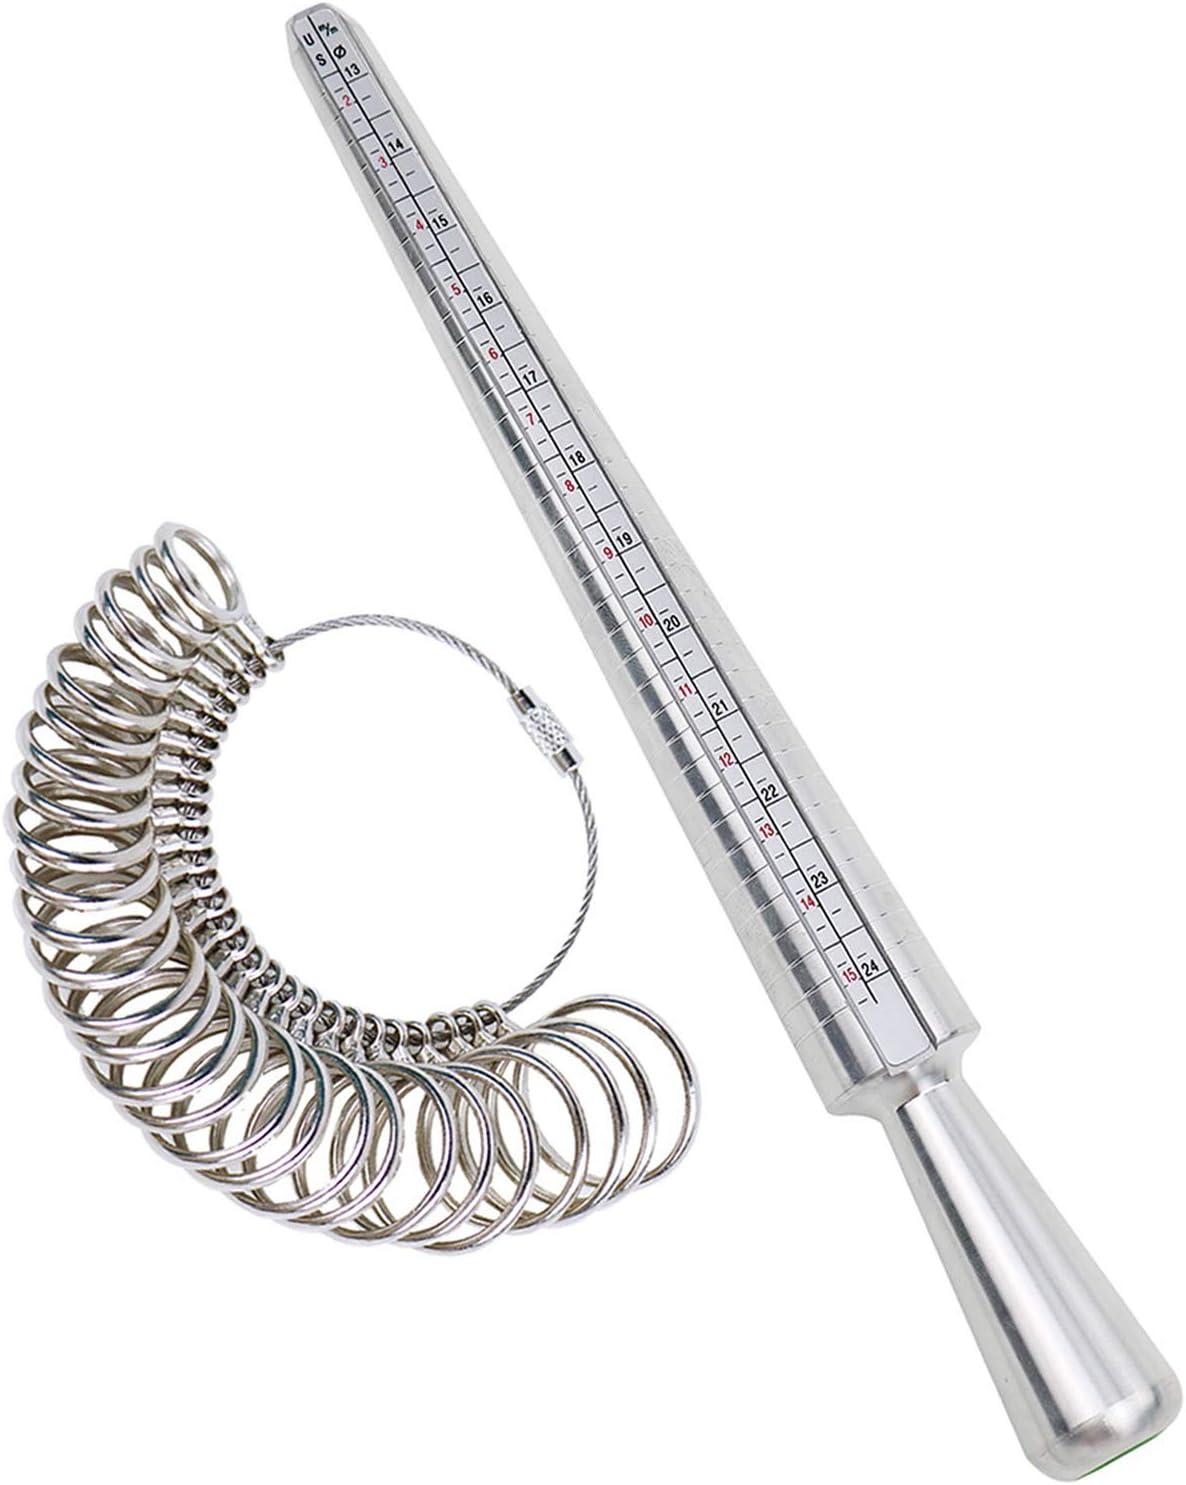 UK Sizes Ring Gauge Sizer /& Finger Ring Mandrel Sizing Measuring Jewelry Size